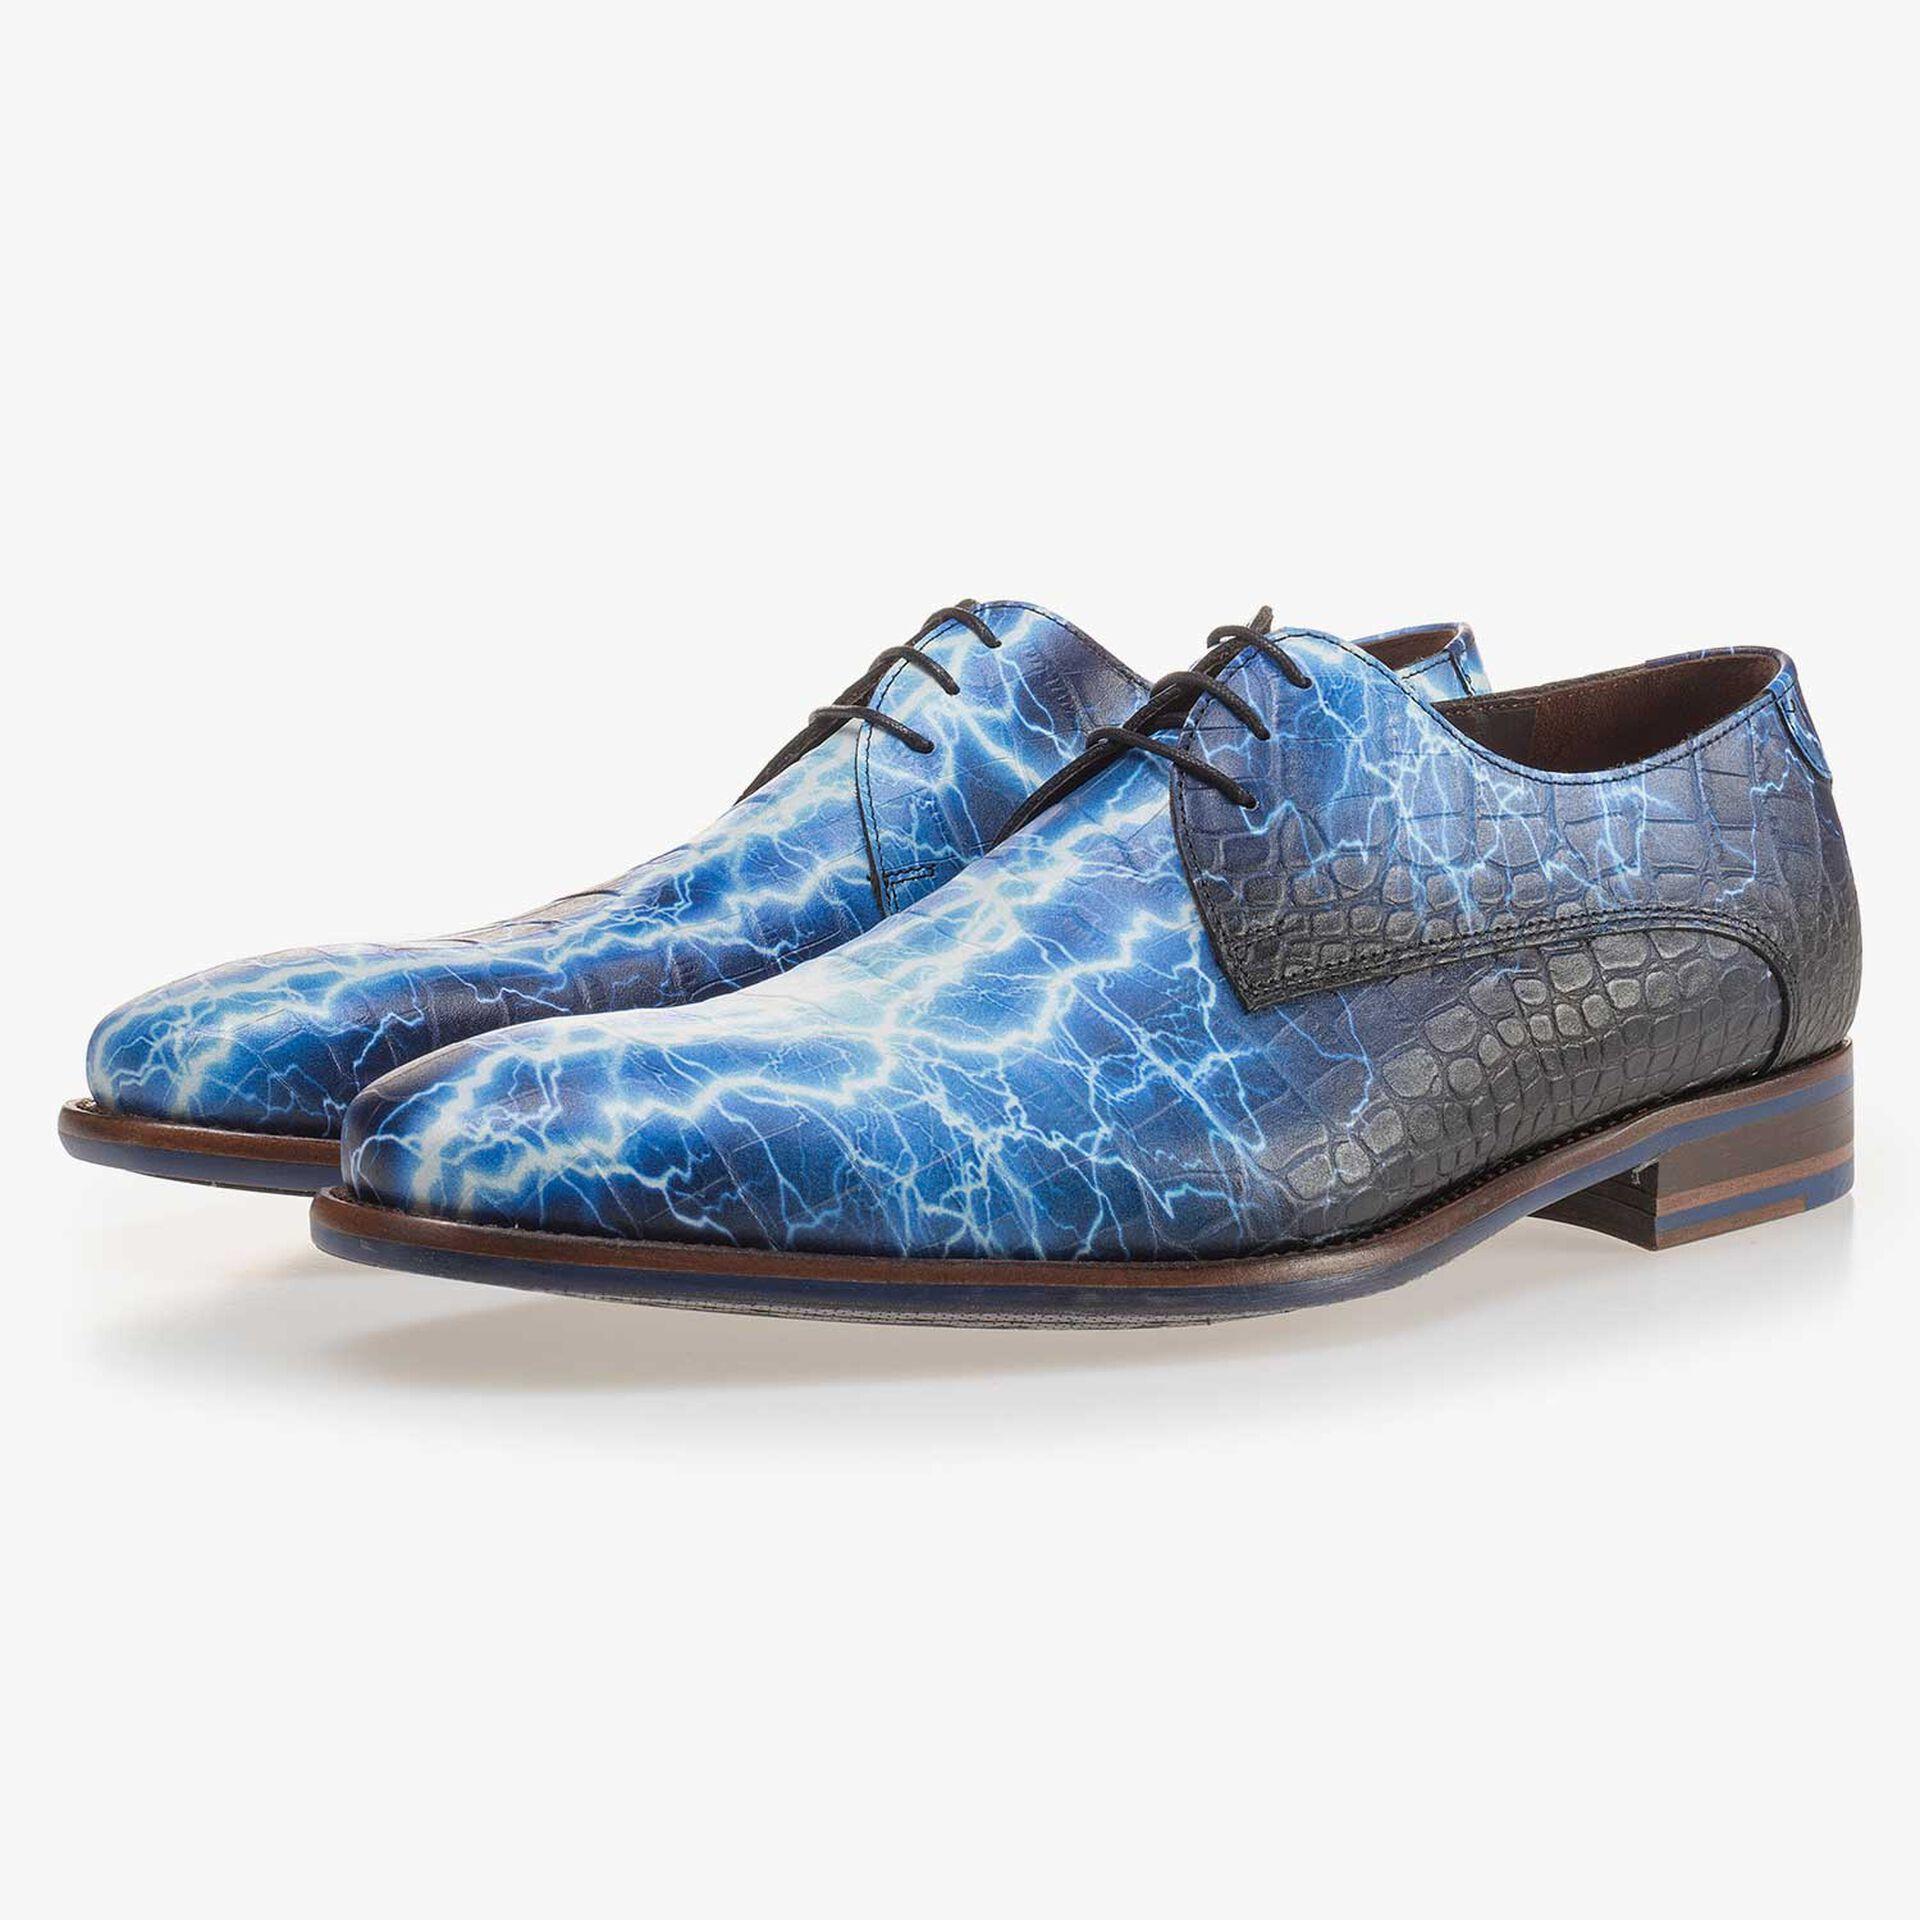 Blauer Premium gemusterter Schnürschuh aus Leder